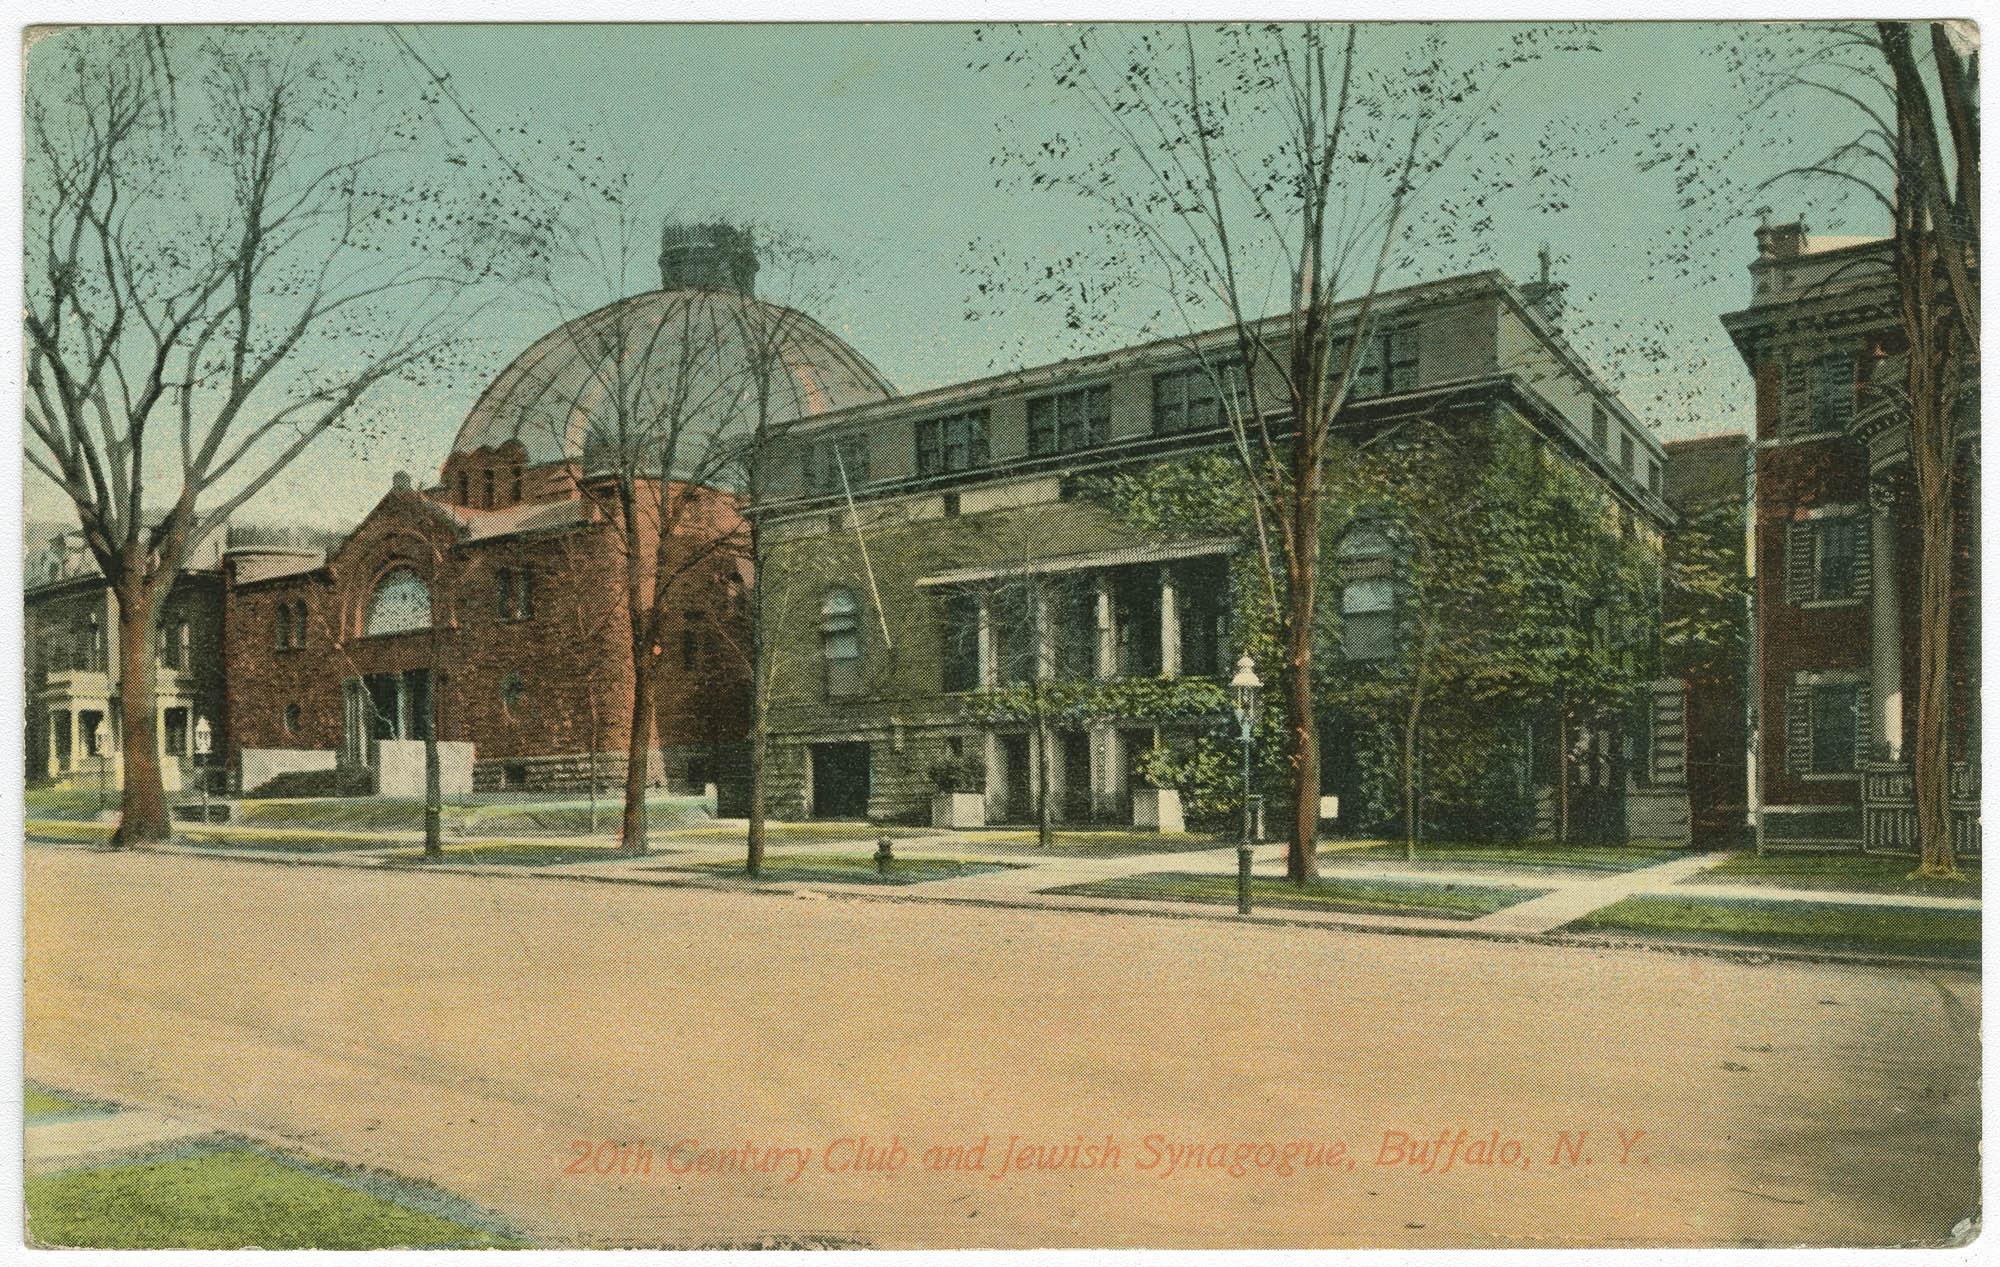 20th Century Club and Jewish Synagogue, Buffalo, N.Y.